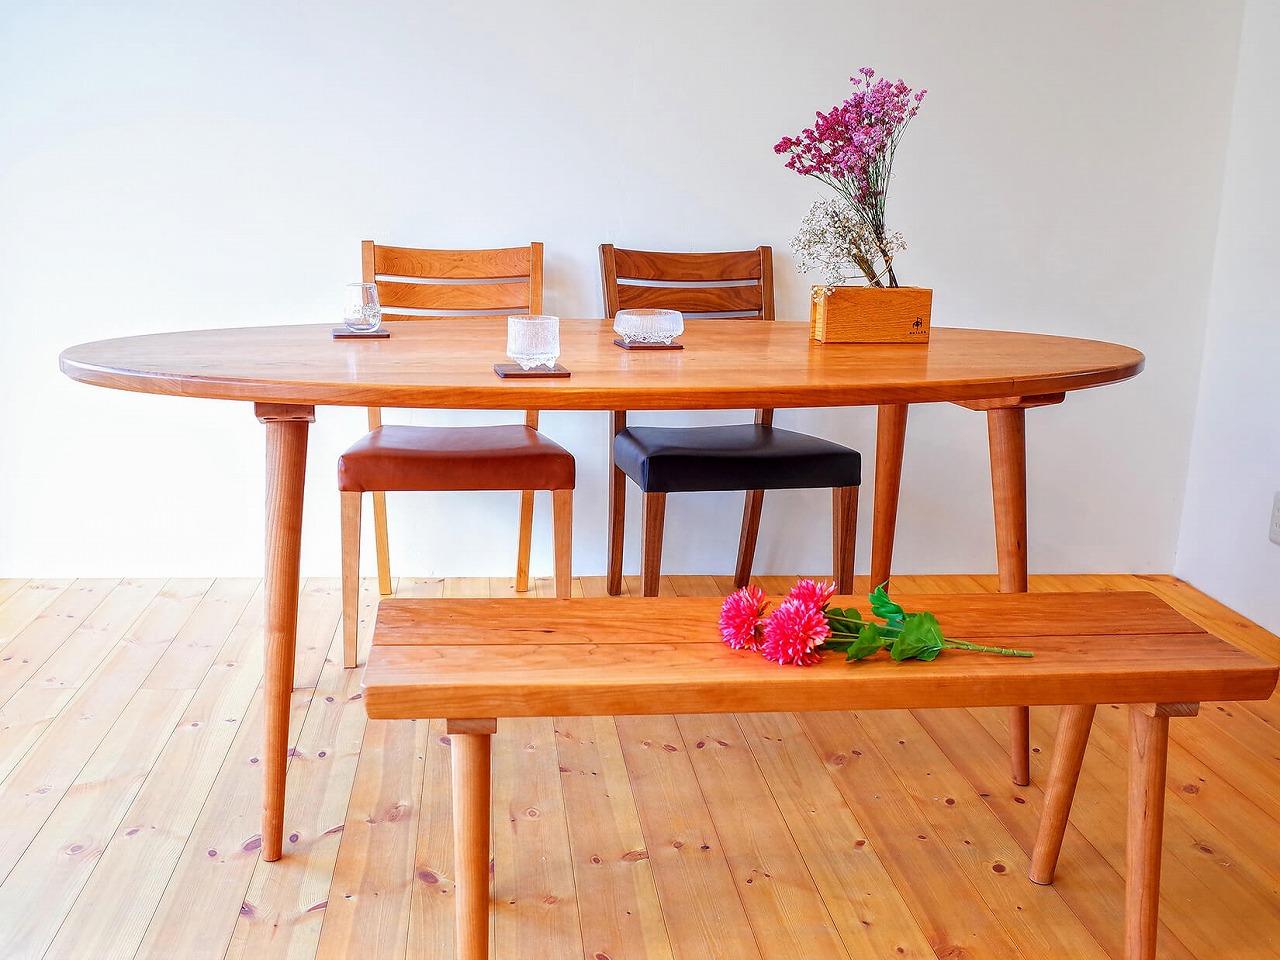 気になるコーディネートシーン画像(ナチュラルダイニング711|BUTLER furniture&craft)